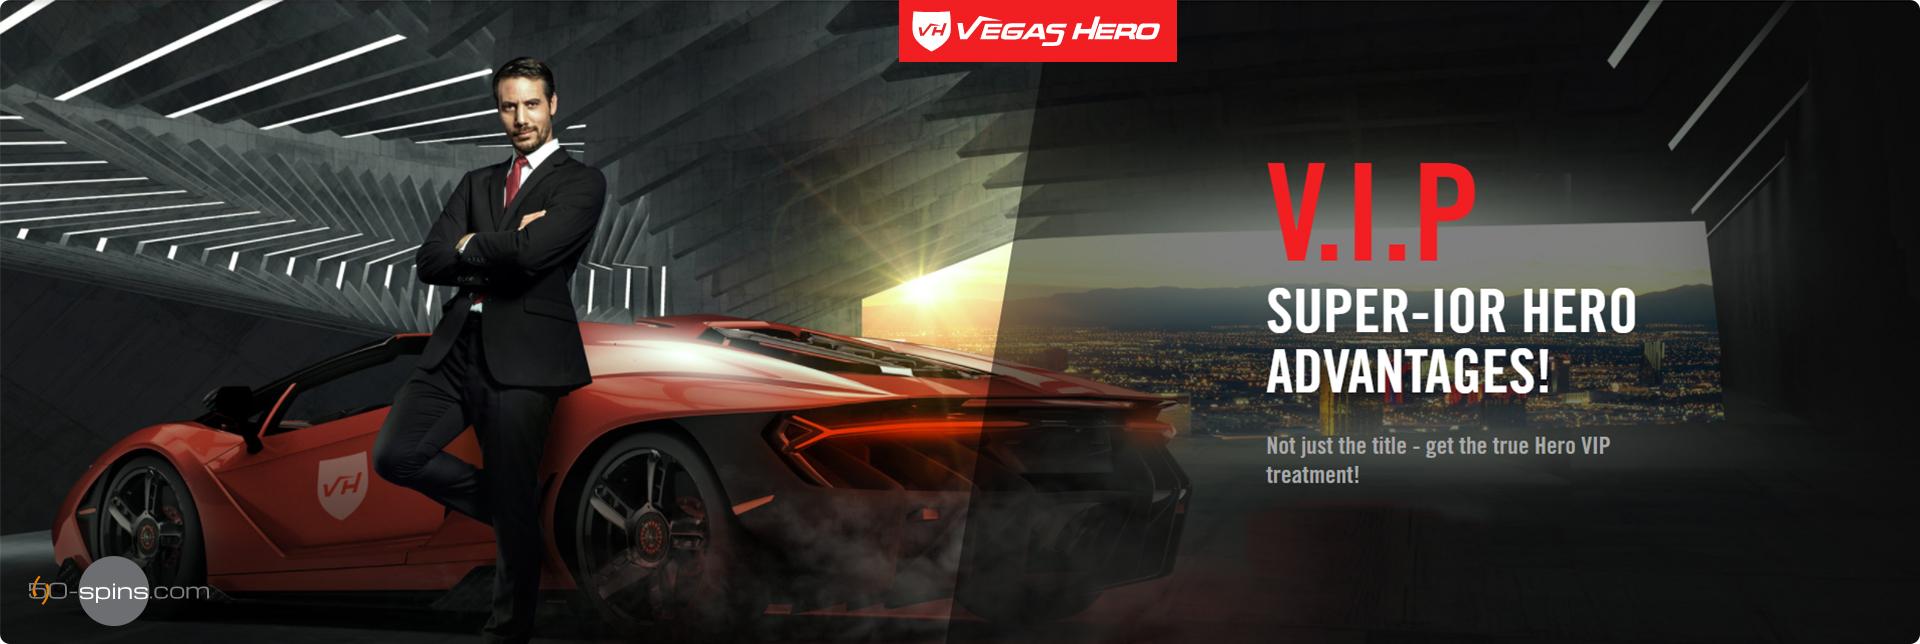 Vegas Hero Casino Vip program.